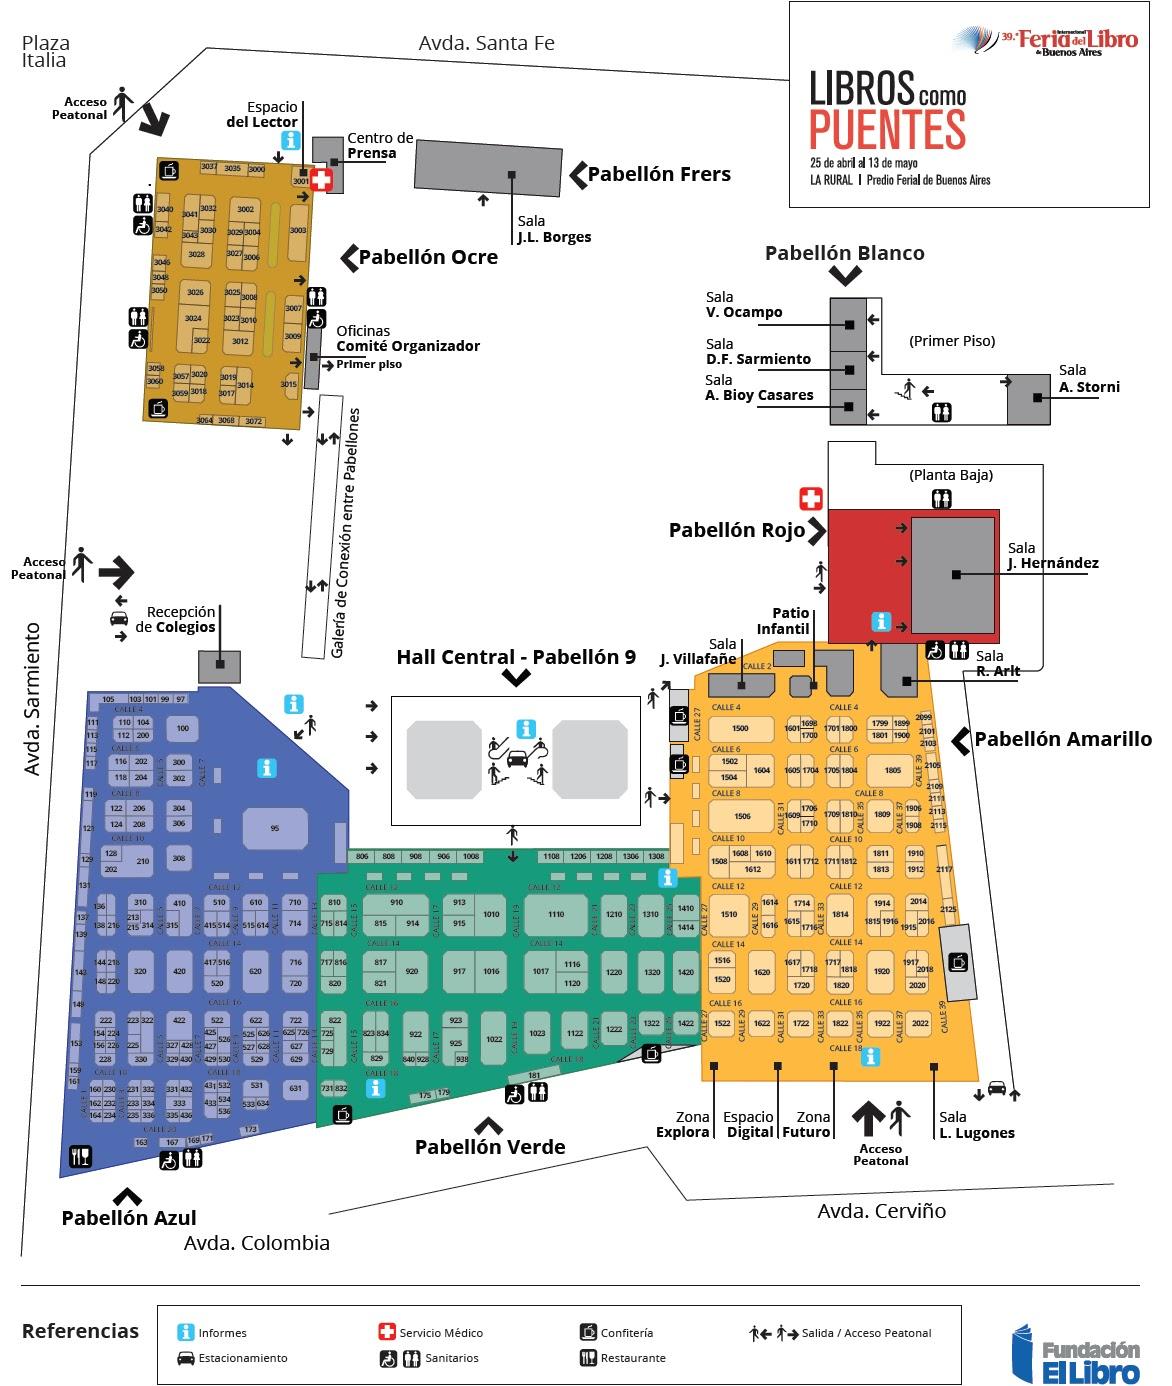 plano Feria del libro 2013 | TodoLibros